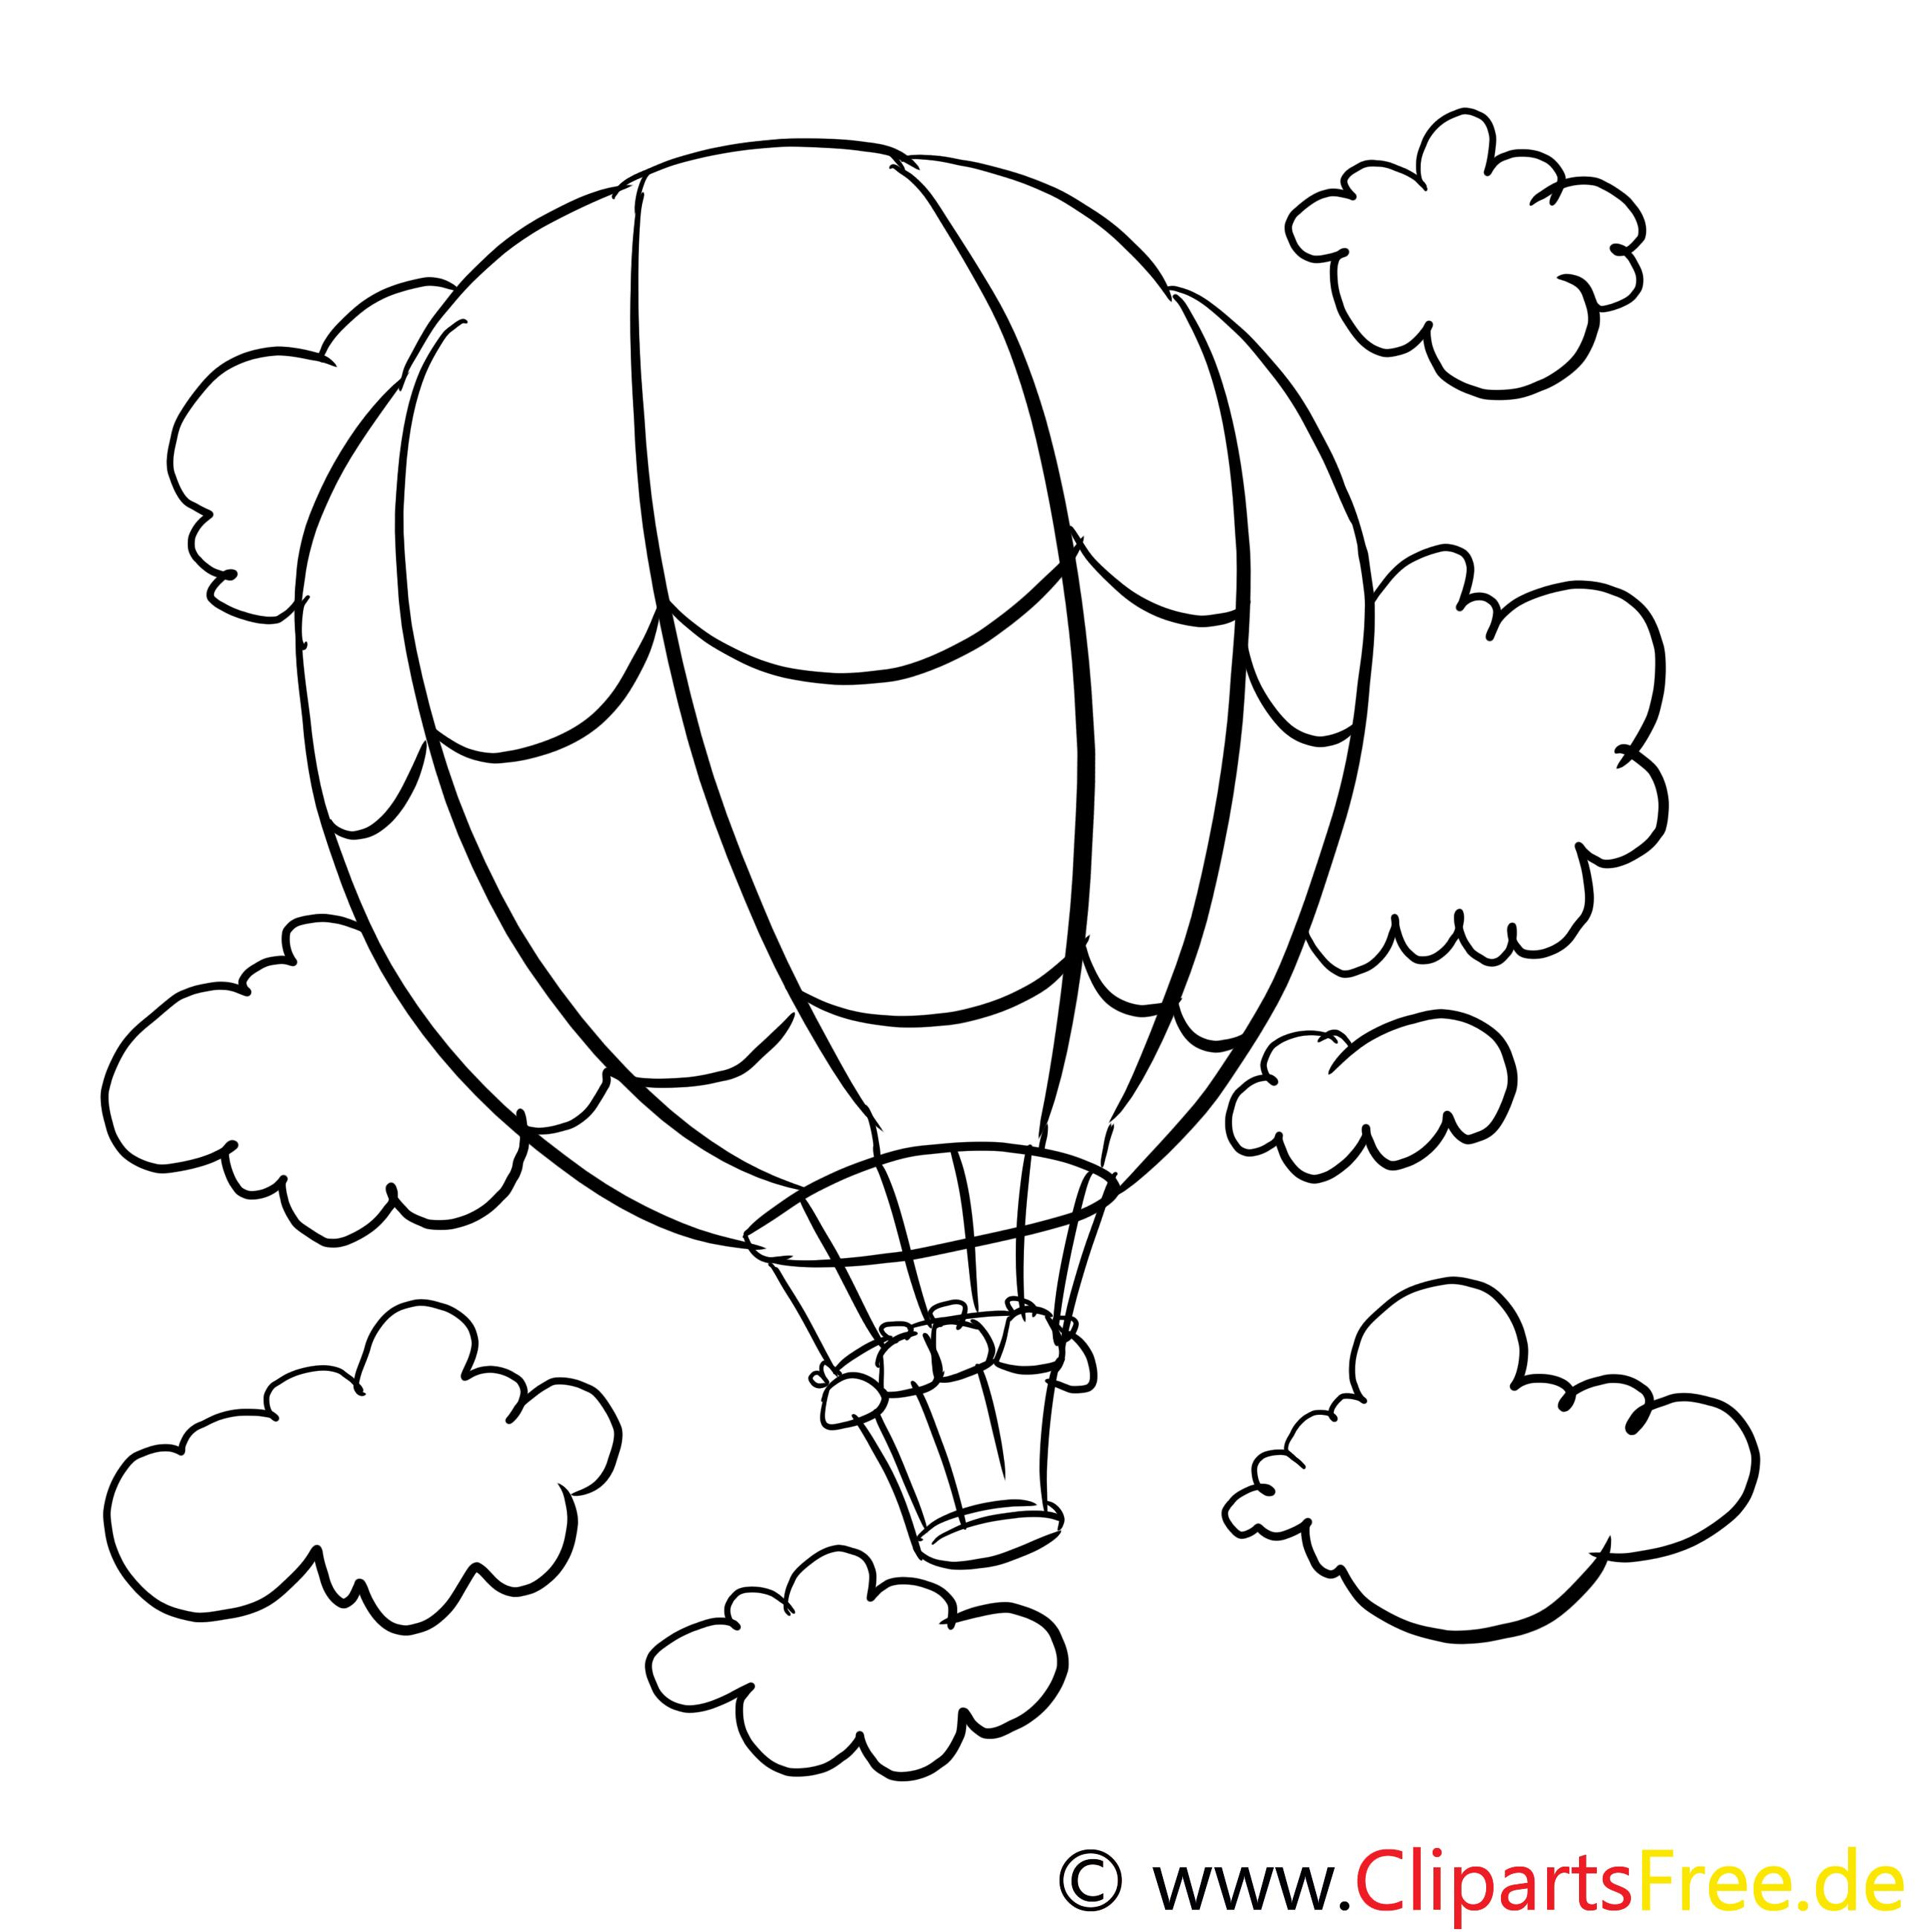 Ballon clip art – Divers image à colorier